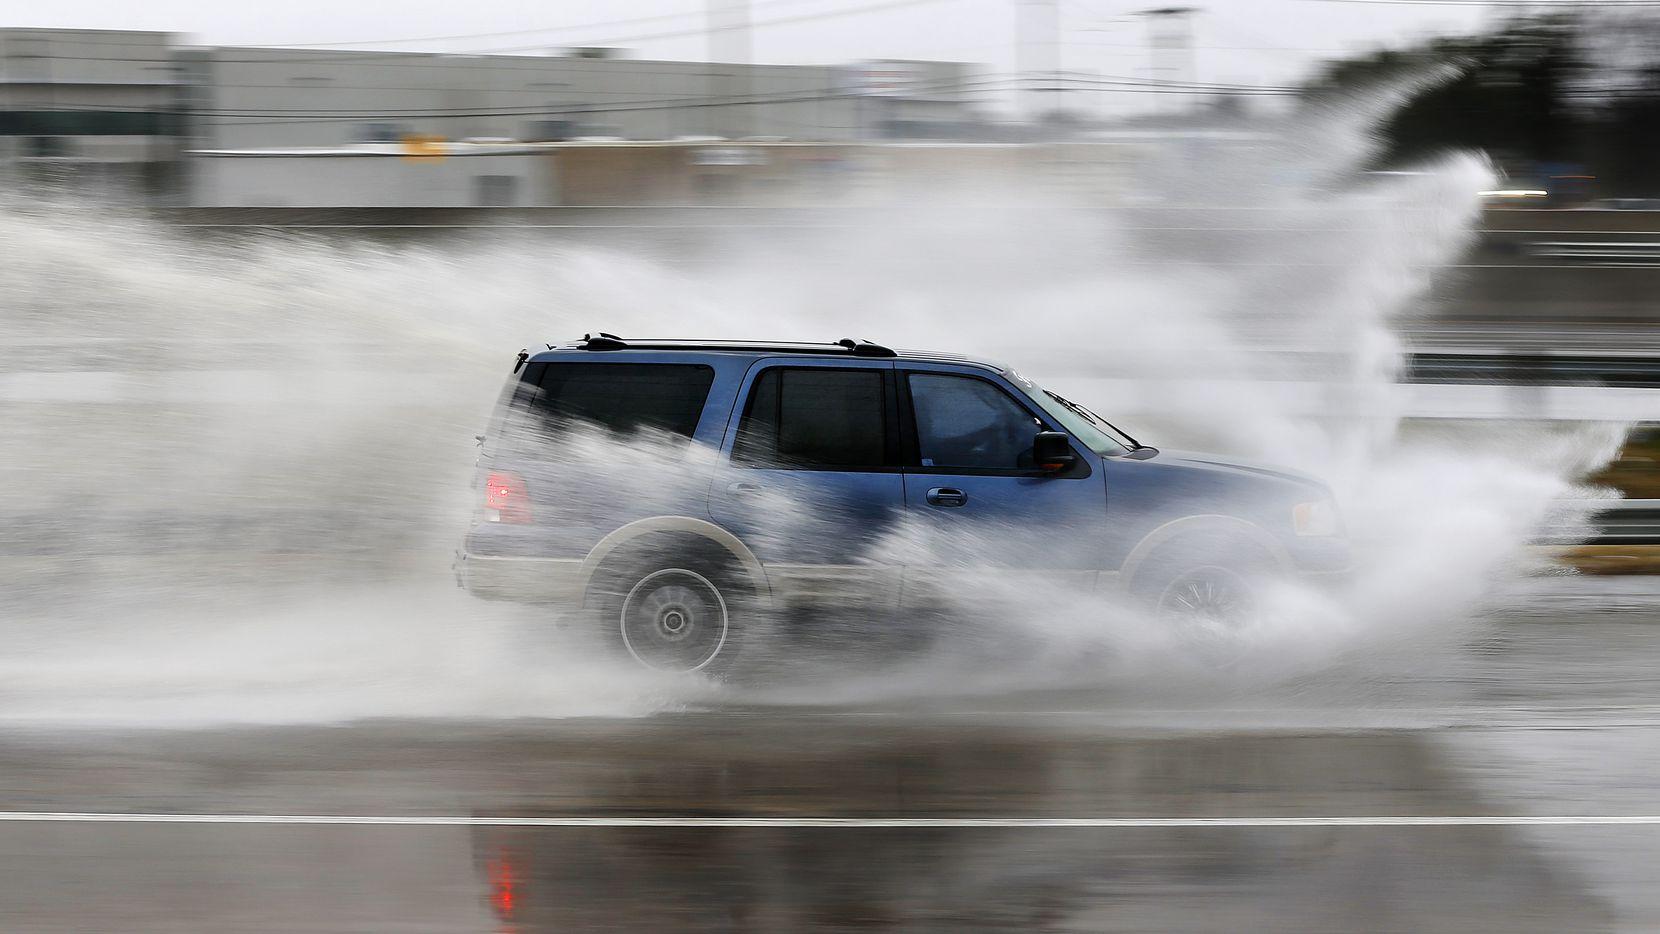 Lluvia congelante cayó en Dallas el miércoles. Se espera un clima similar en los proximos días. DMN